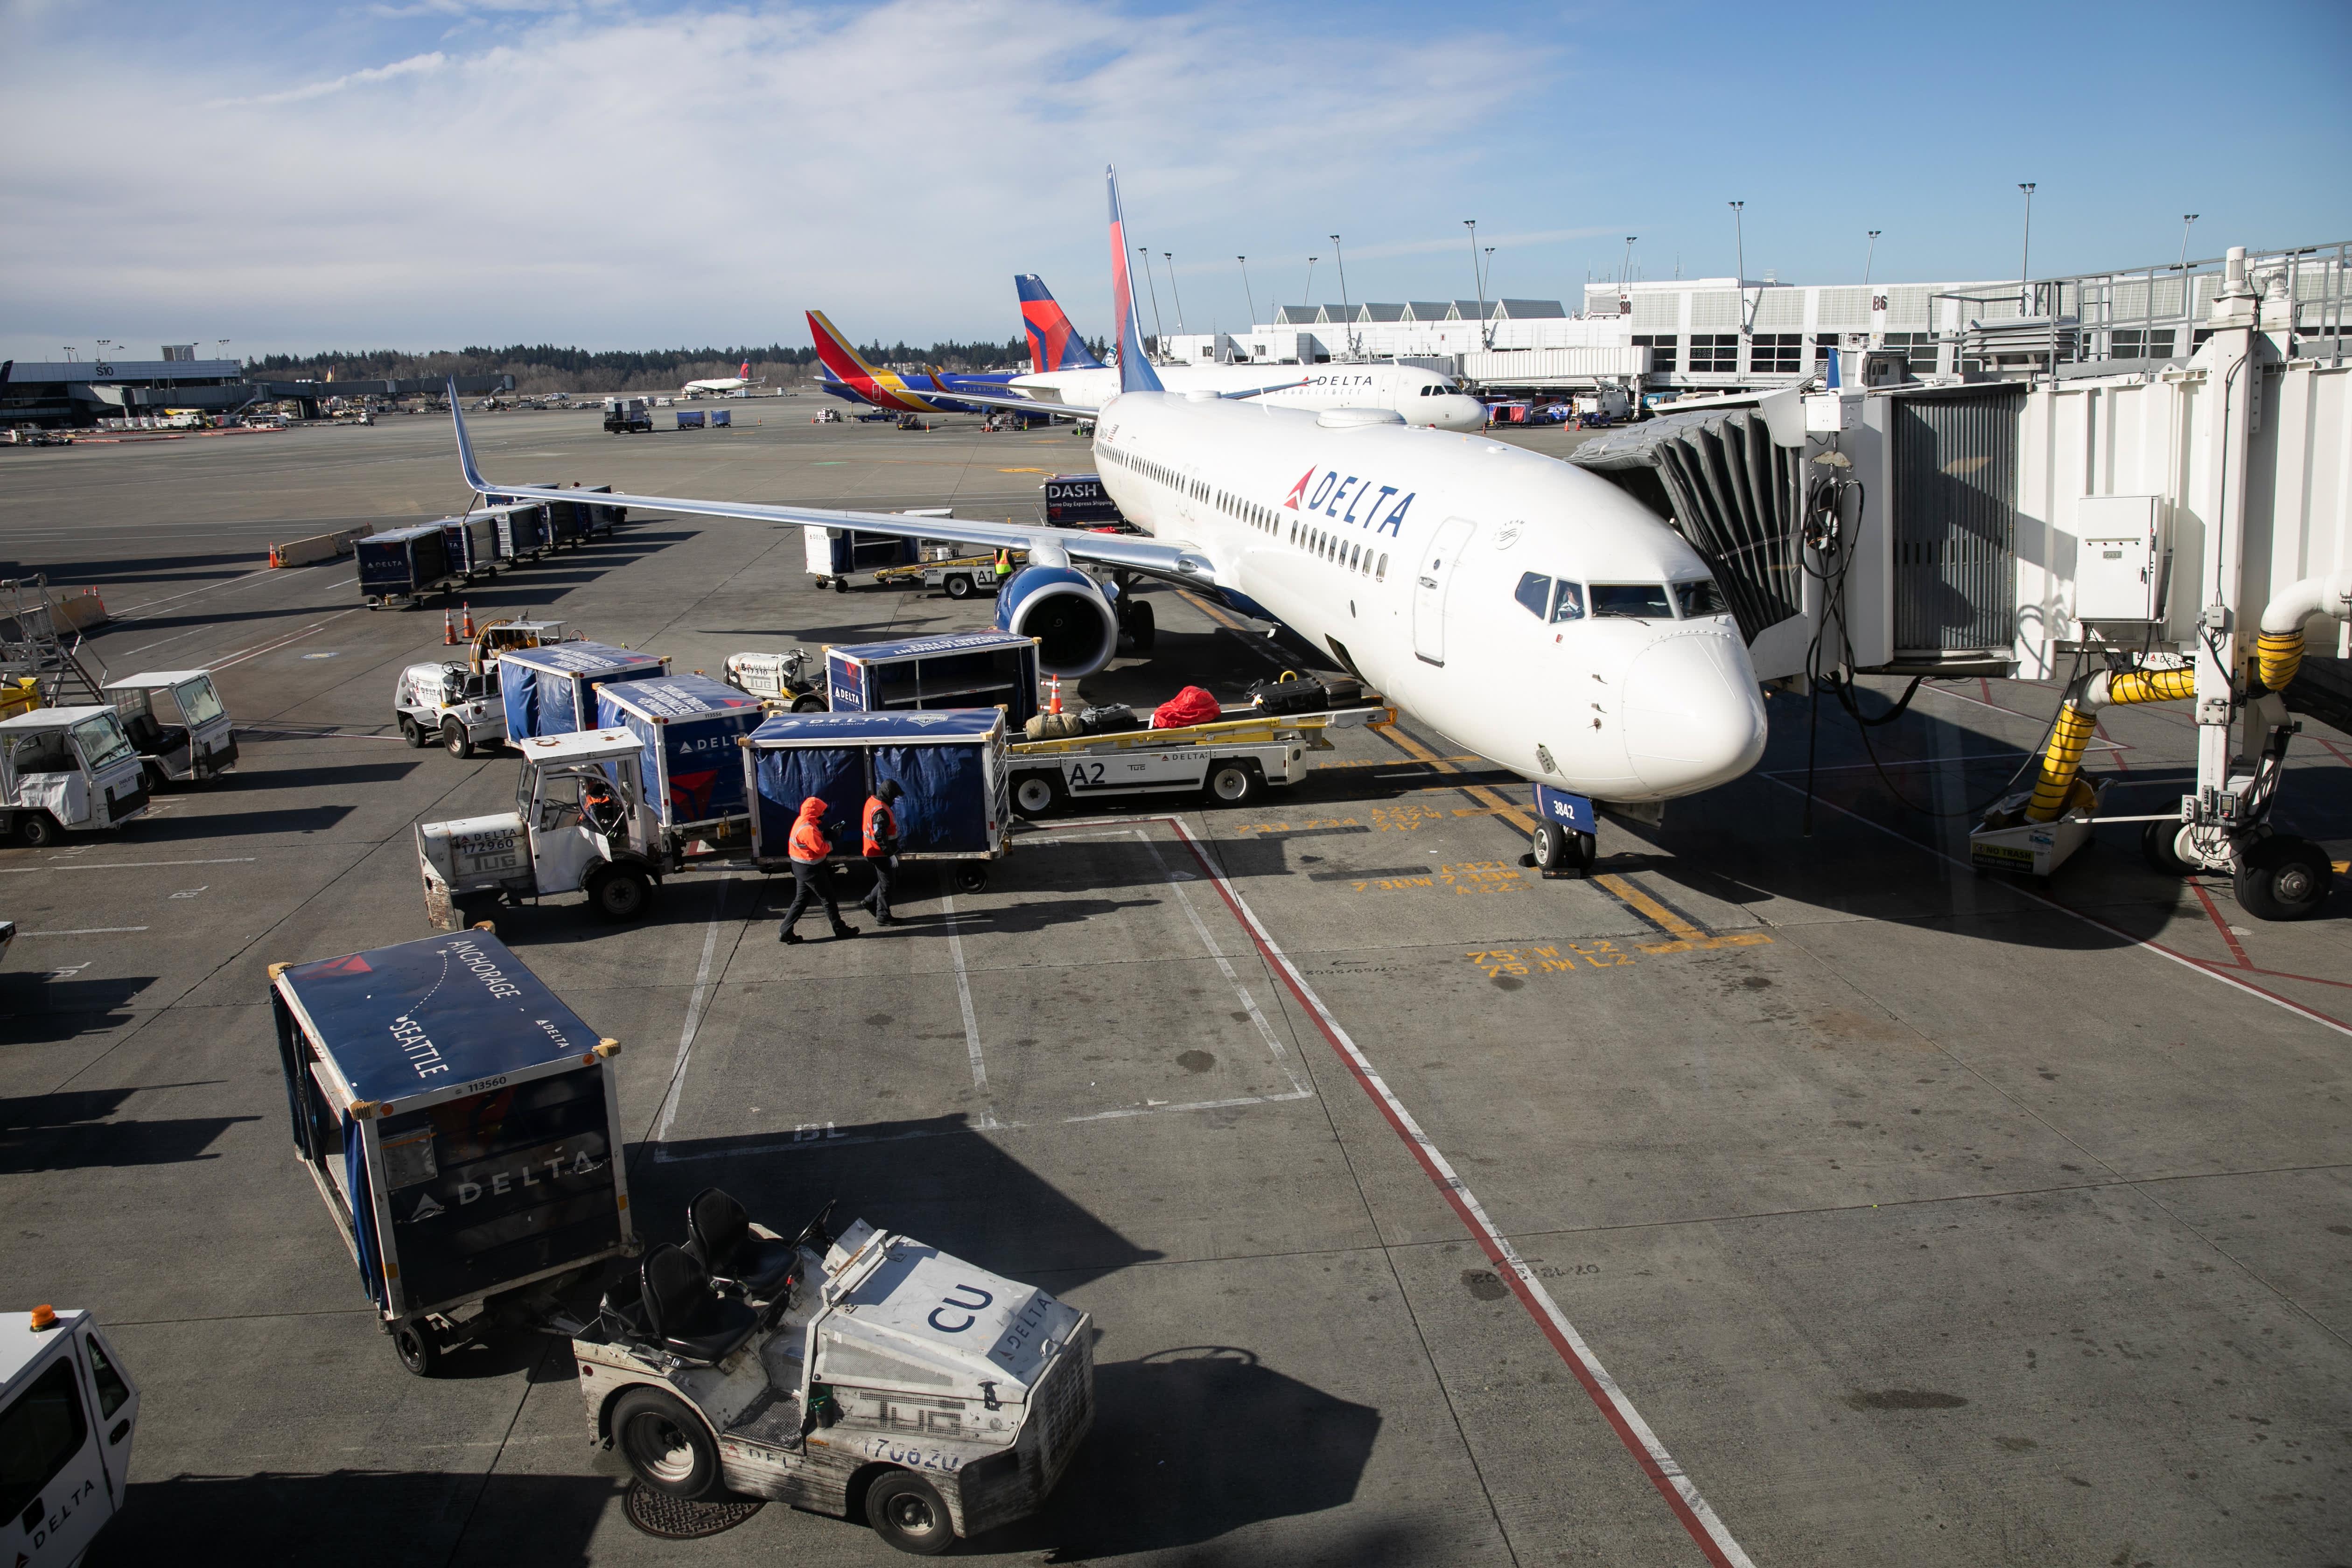 Coronavirus sends Delta's March revenue down $2 billion, airline to slash capacity by 70%